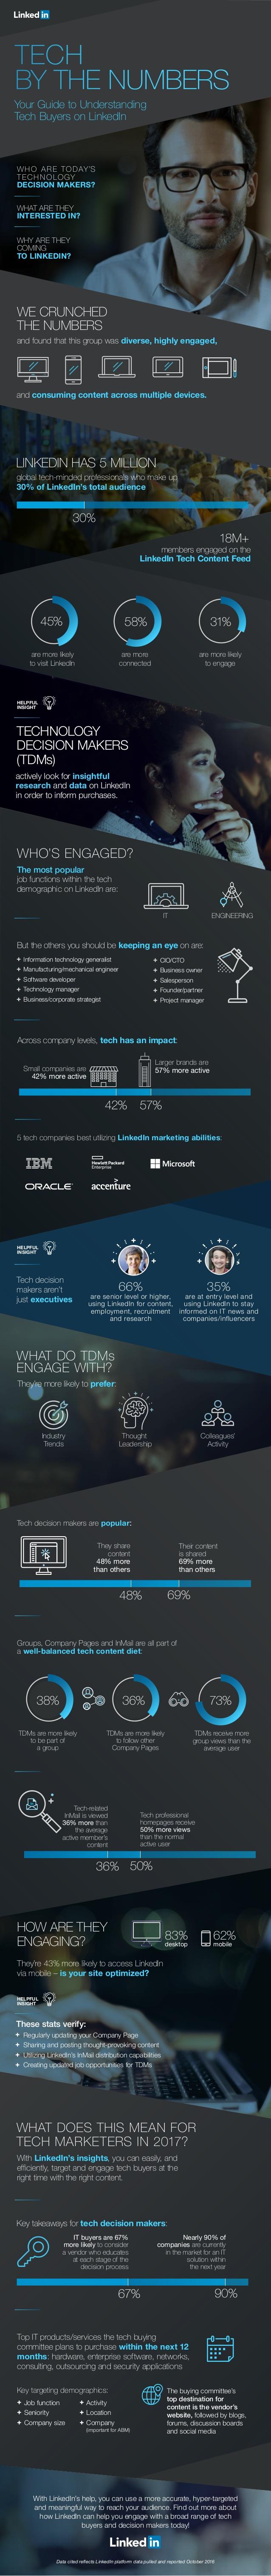 Cómo son los compradores de Tecnología según LinkedIn